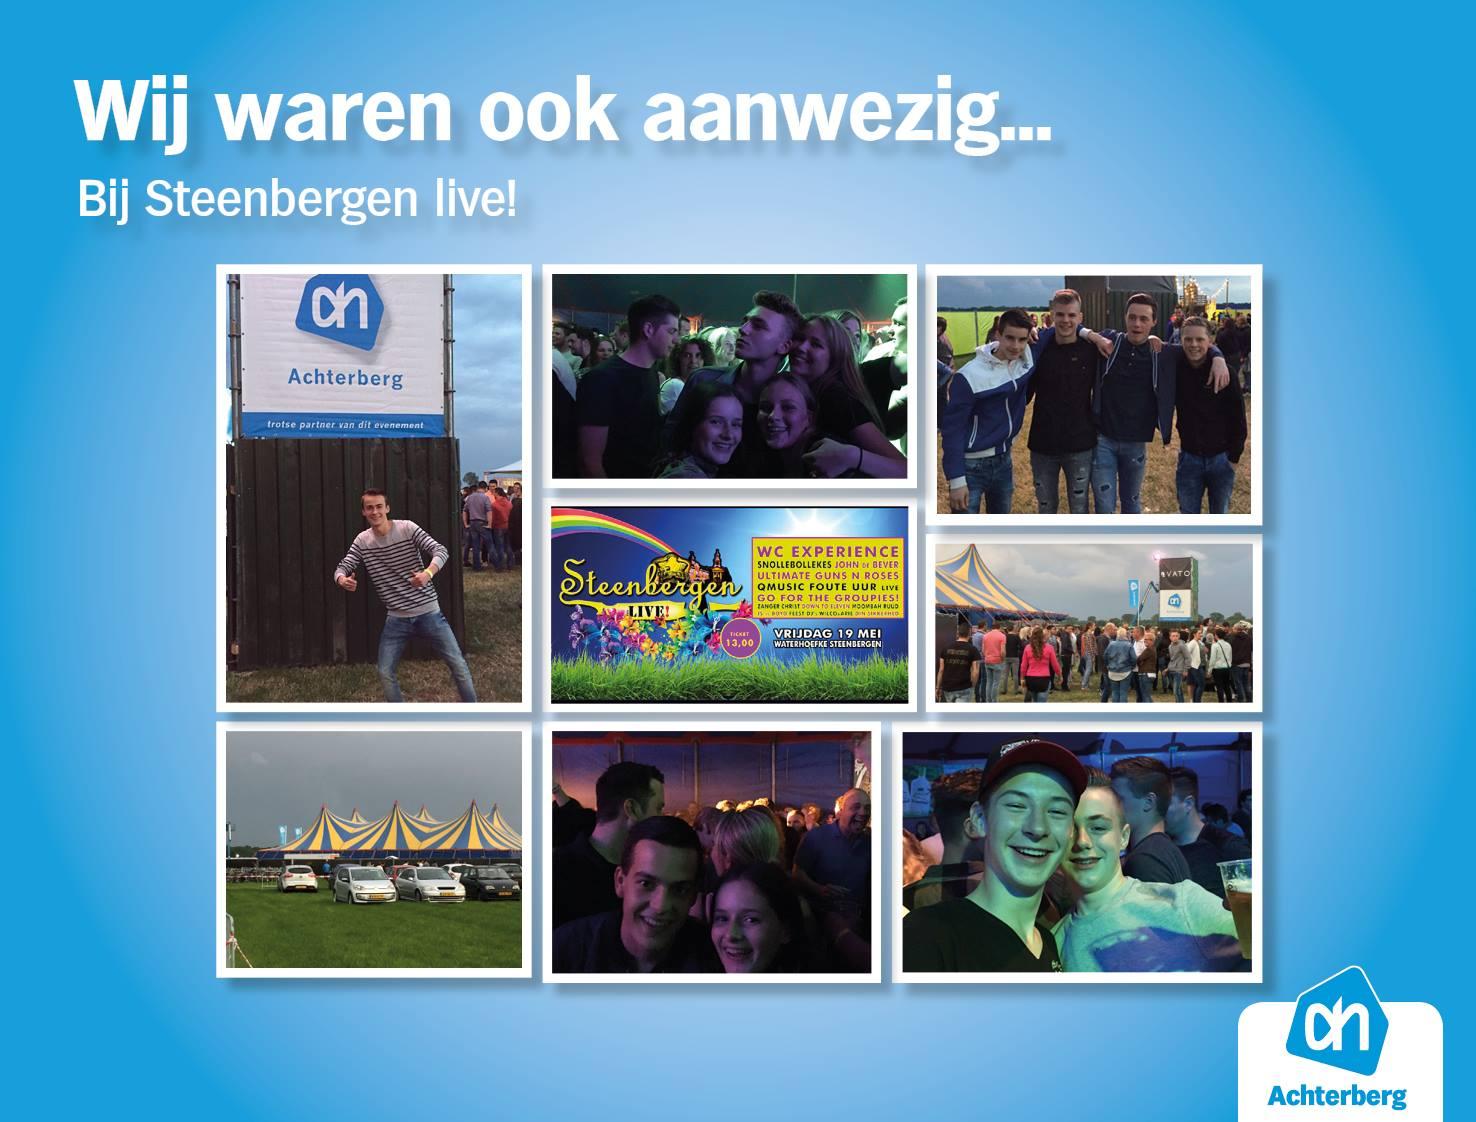 Wij waren ook aanwezig bij Steenbergen Live!